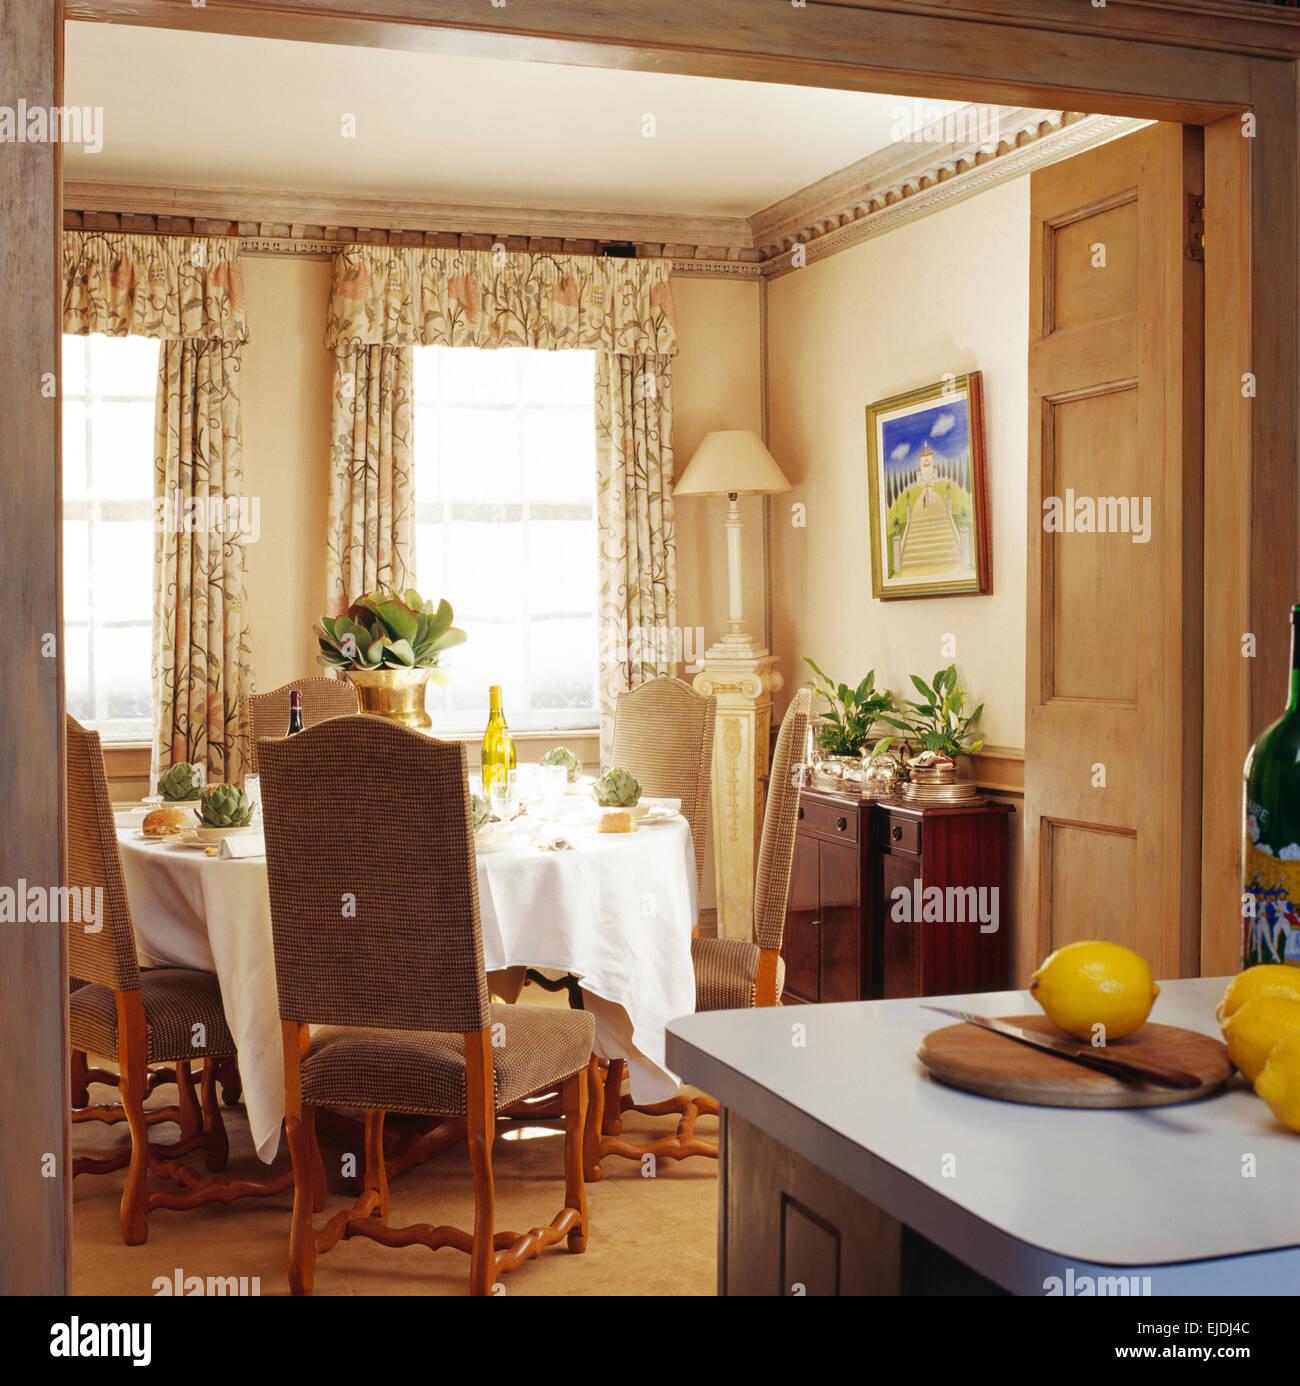 Dunkelbeige gepolsterte Stühle am Esstisch mit weißen Leinentuch im ...